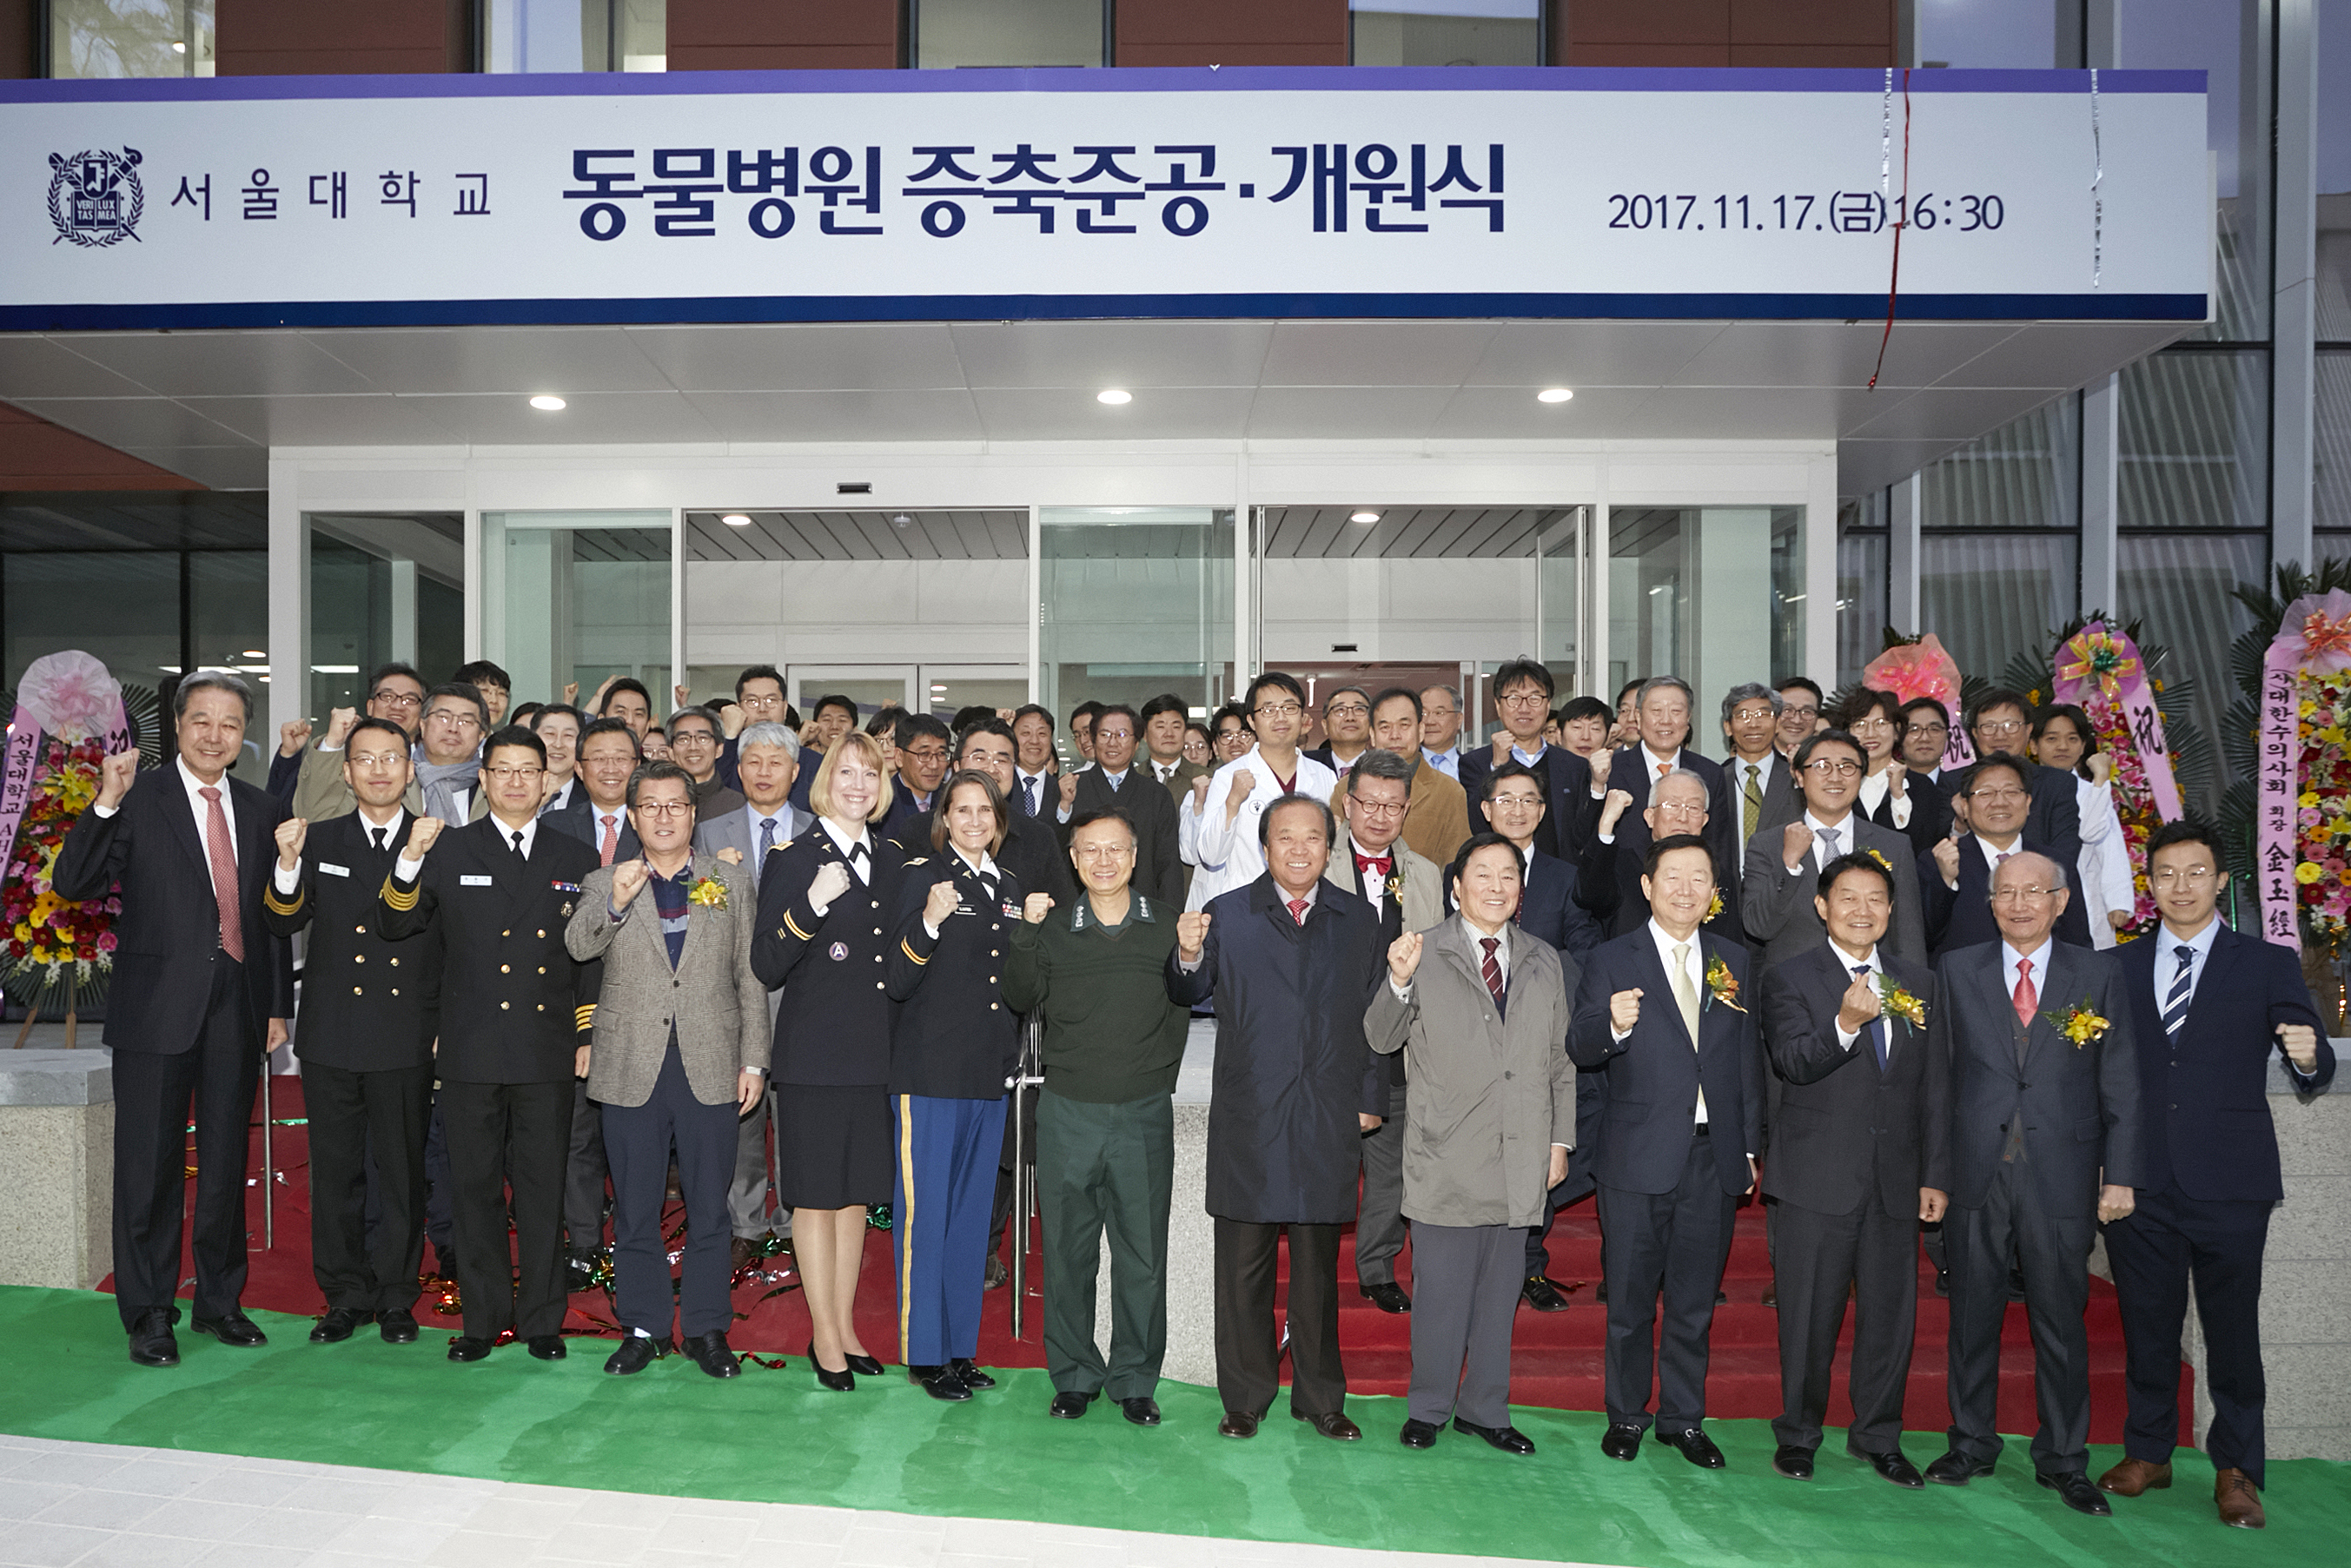 서울대 동물병원 개원식, 스마트 진료 시작